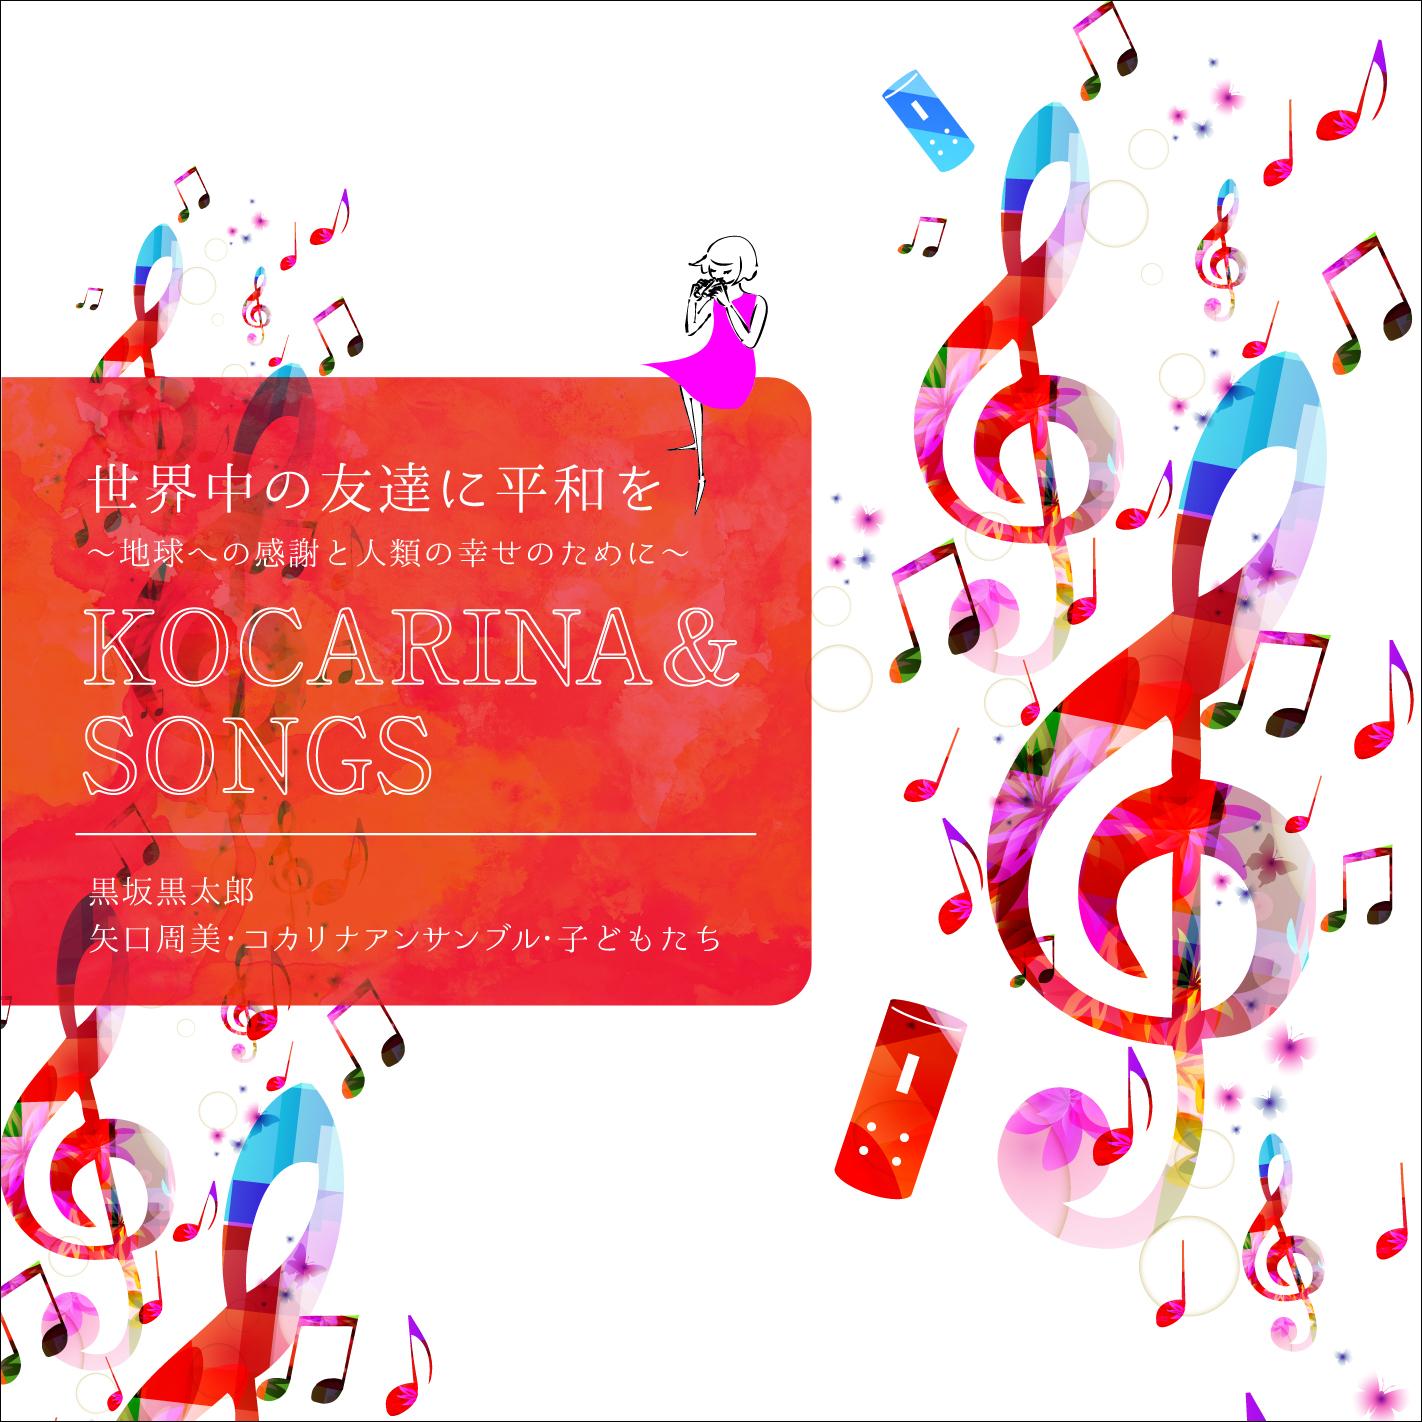 世界中の友達に平和を~地球への感謝と人類の幸せのためにKOCARINA&SONGS